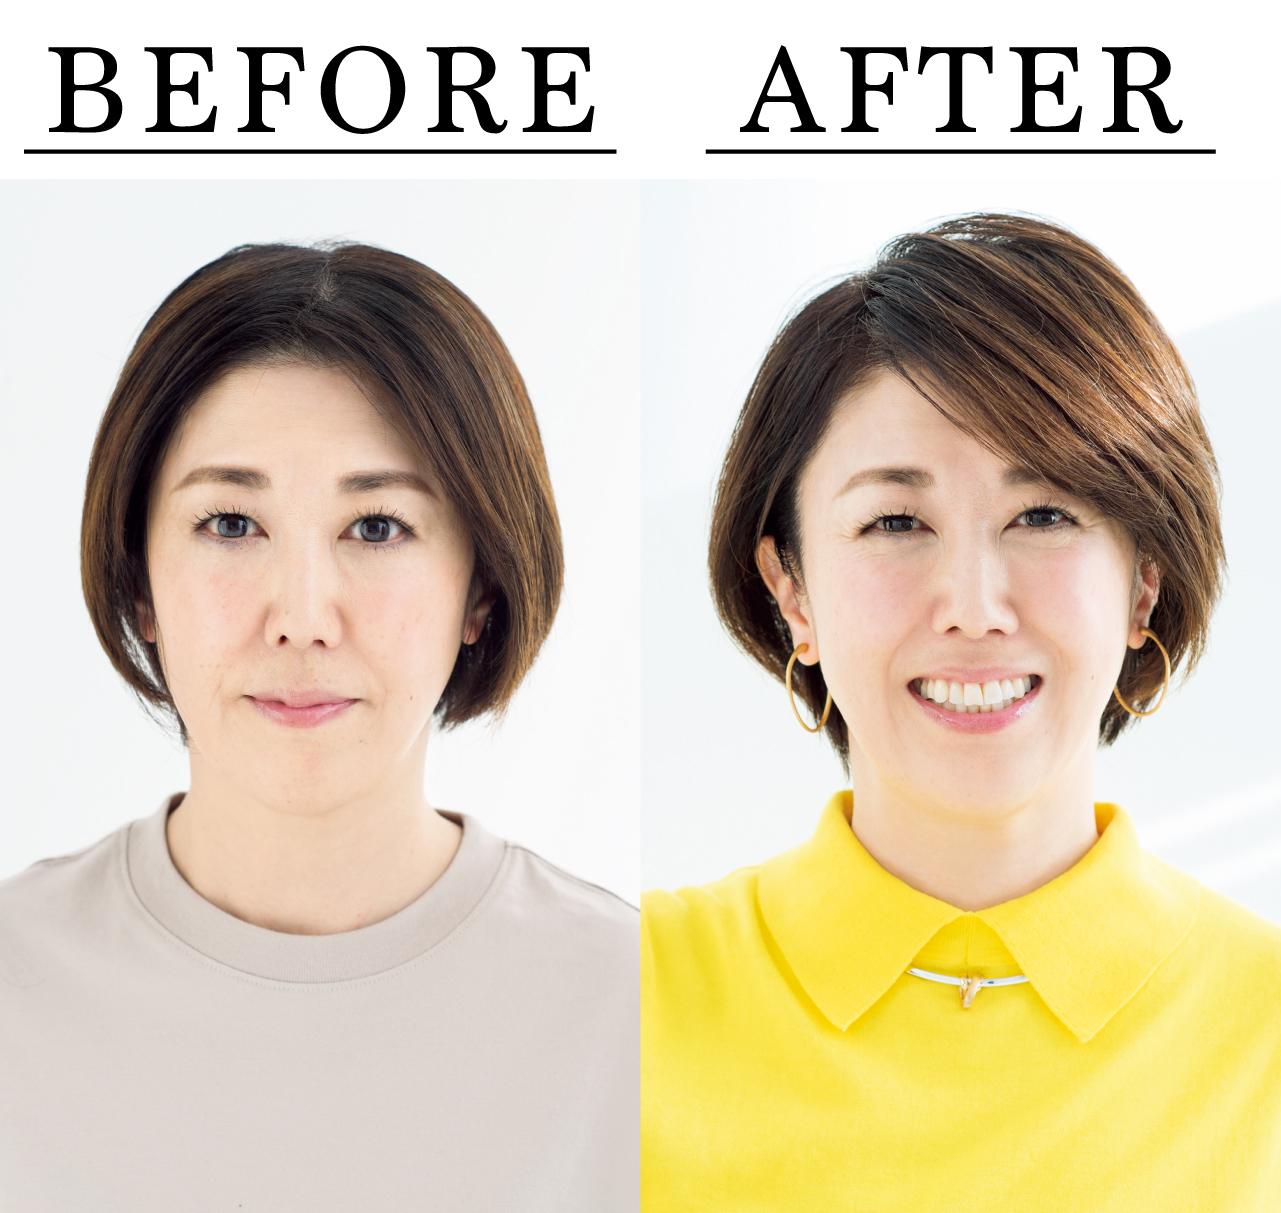 太田有希さん Before After